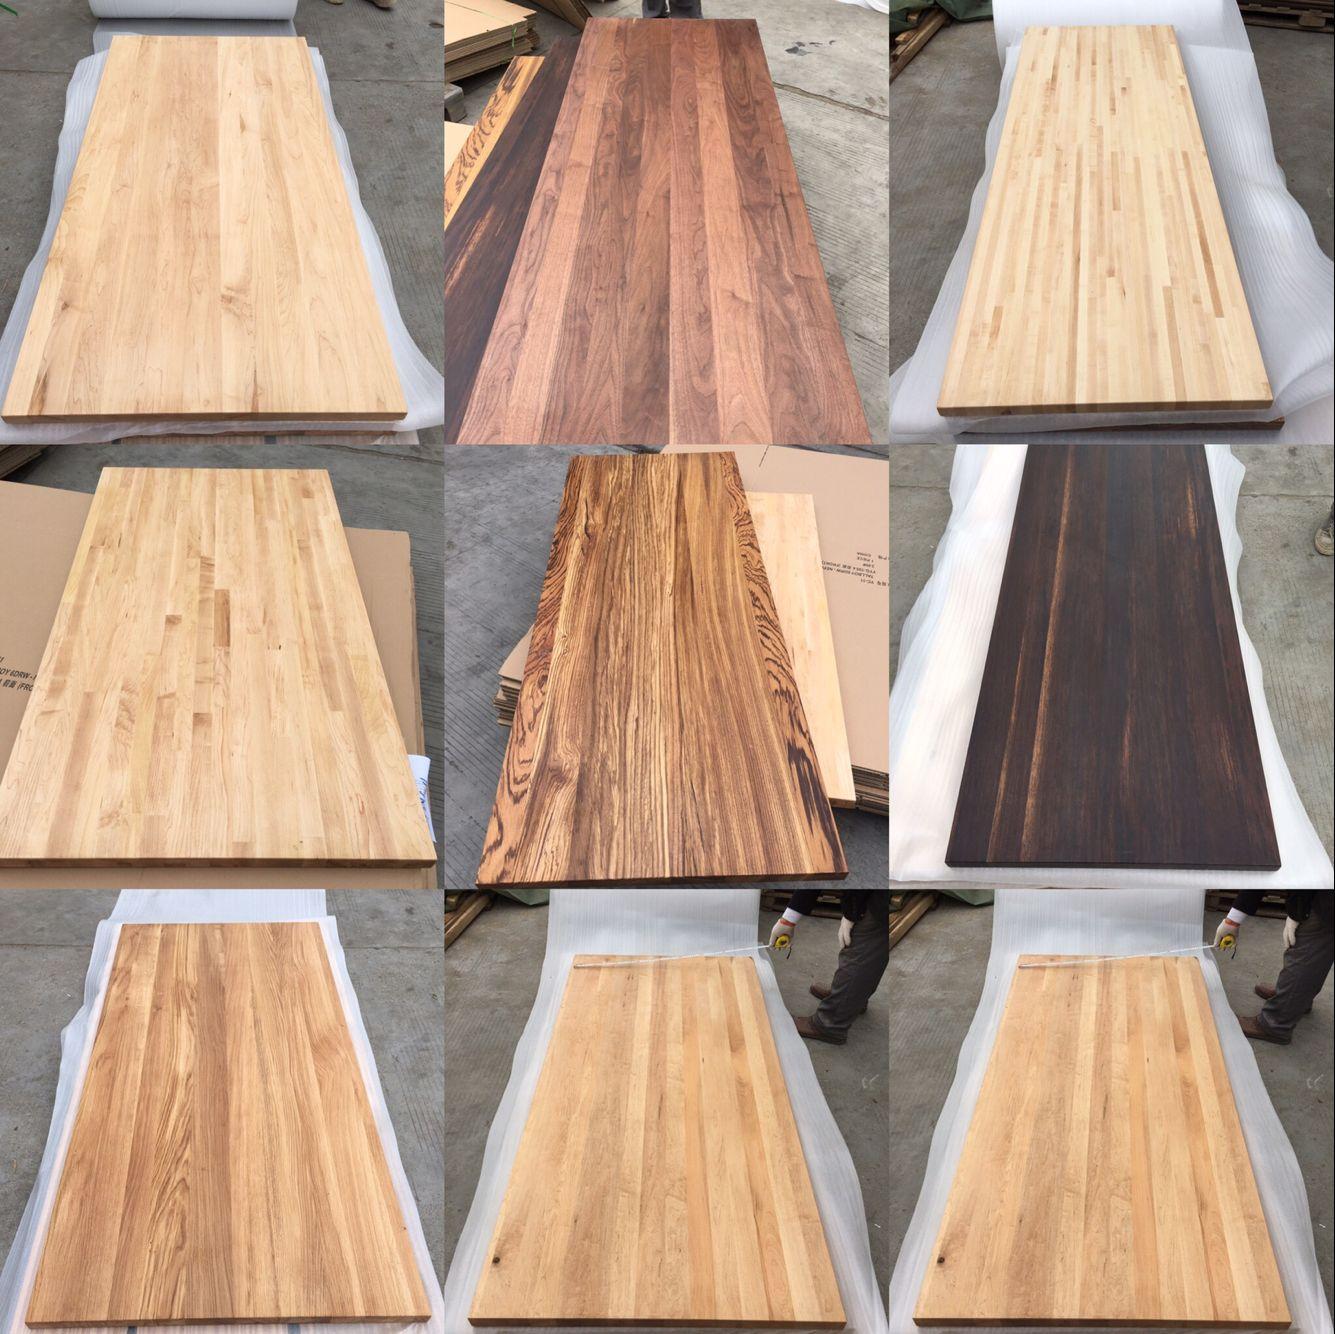 Good Rubber Wood Worktop Countertop, Rubber Wood Worktop Countertop Suppliers  And Manufacturers At Alibaba.com